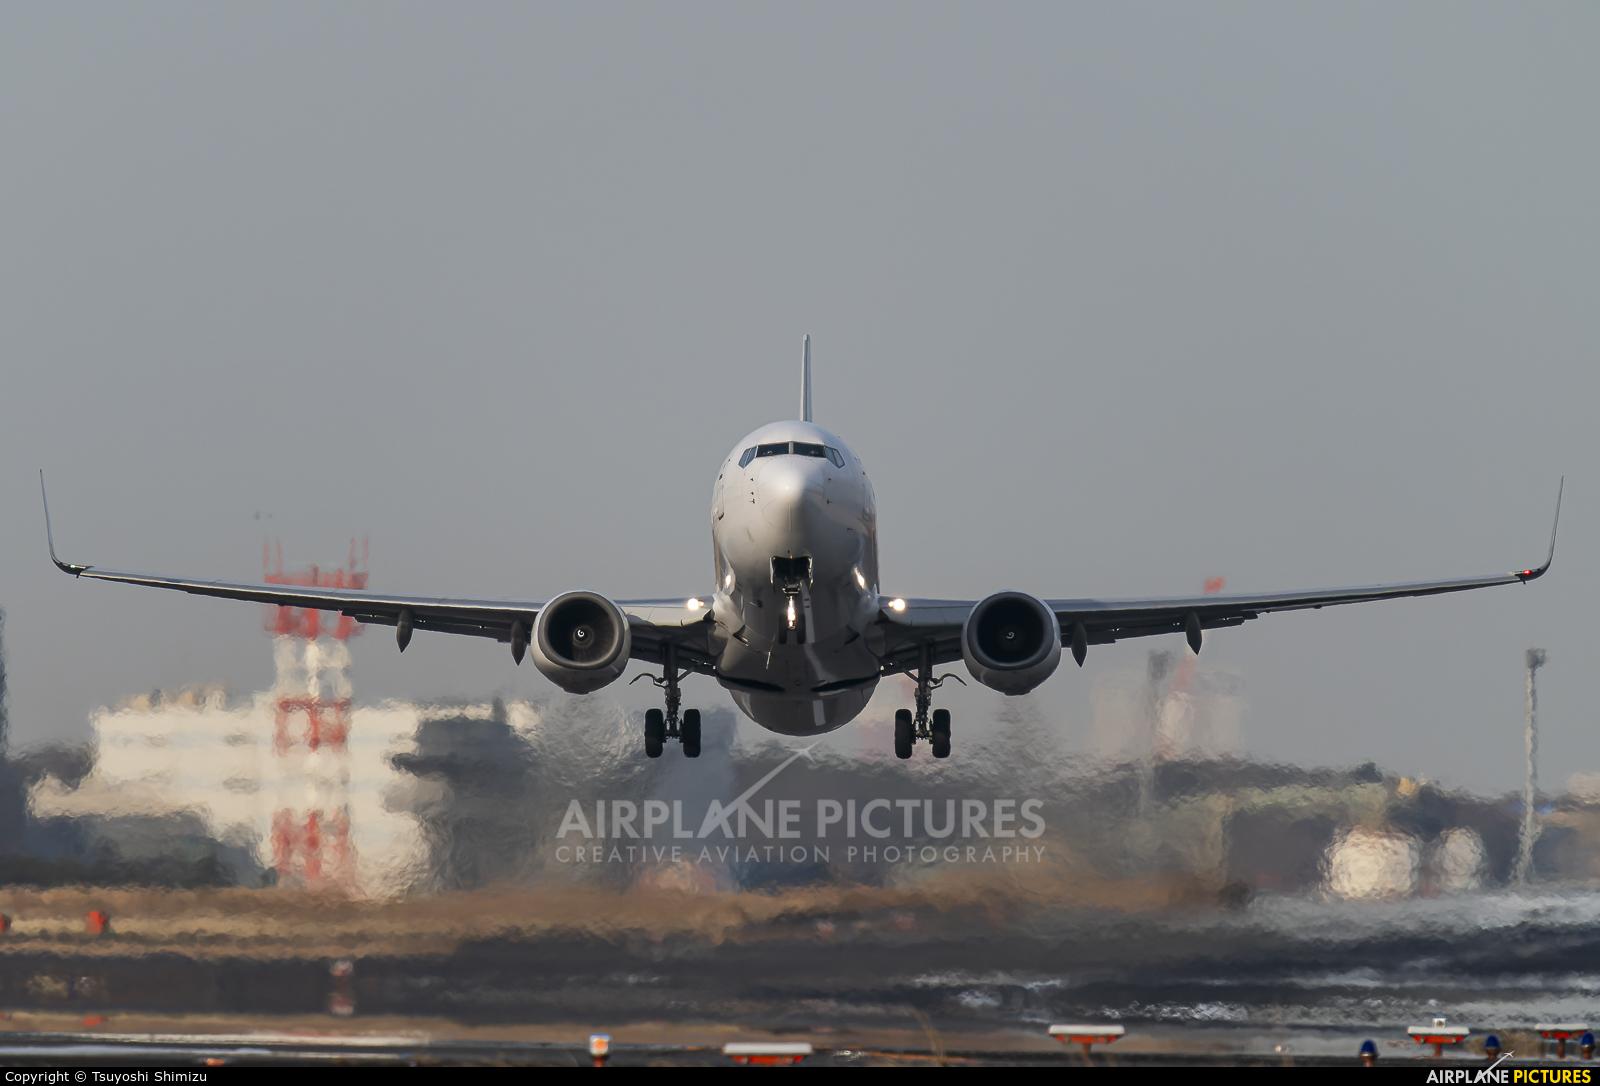 JAL - Japan Airlines JA332J aircraft at Tokyo - Haneda Intl